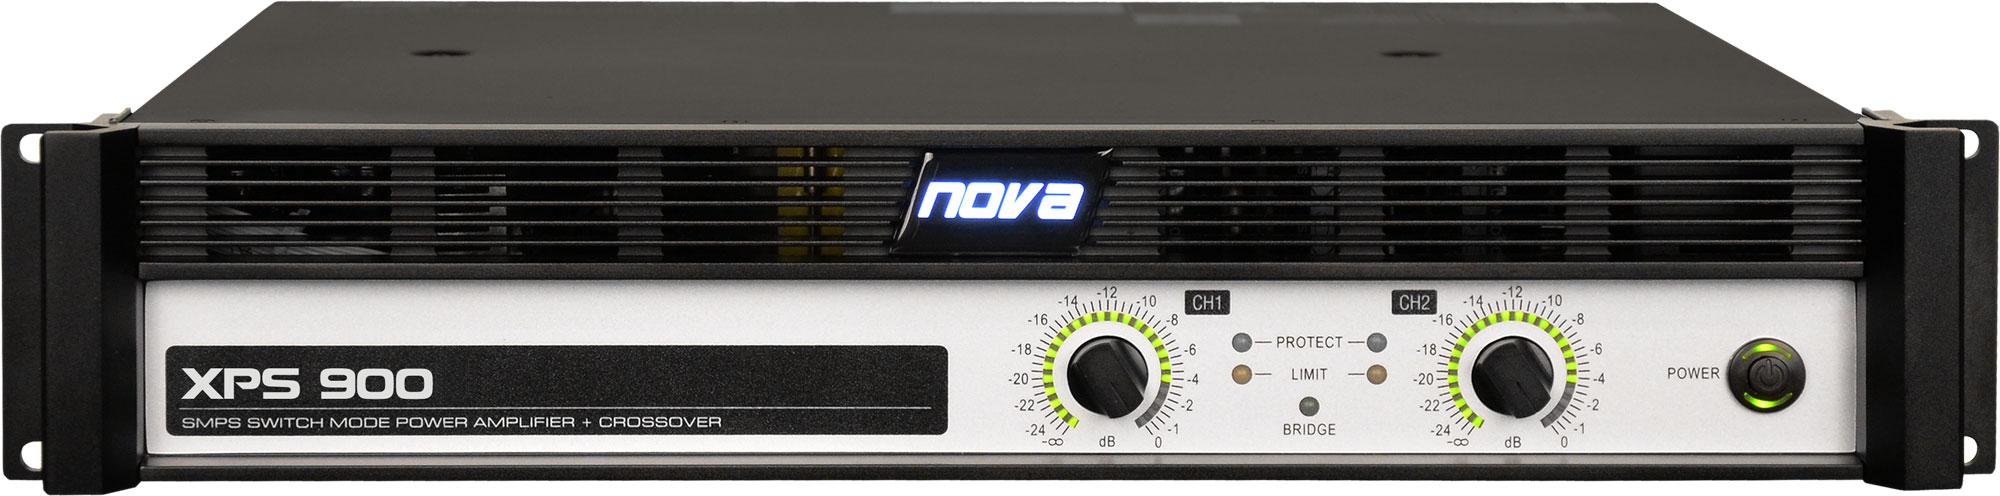 NOVA XPS 900